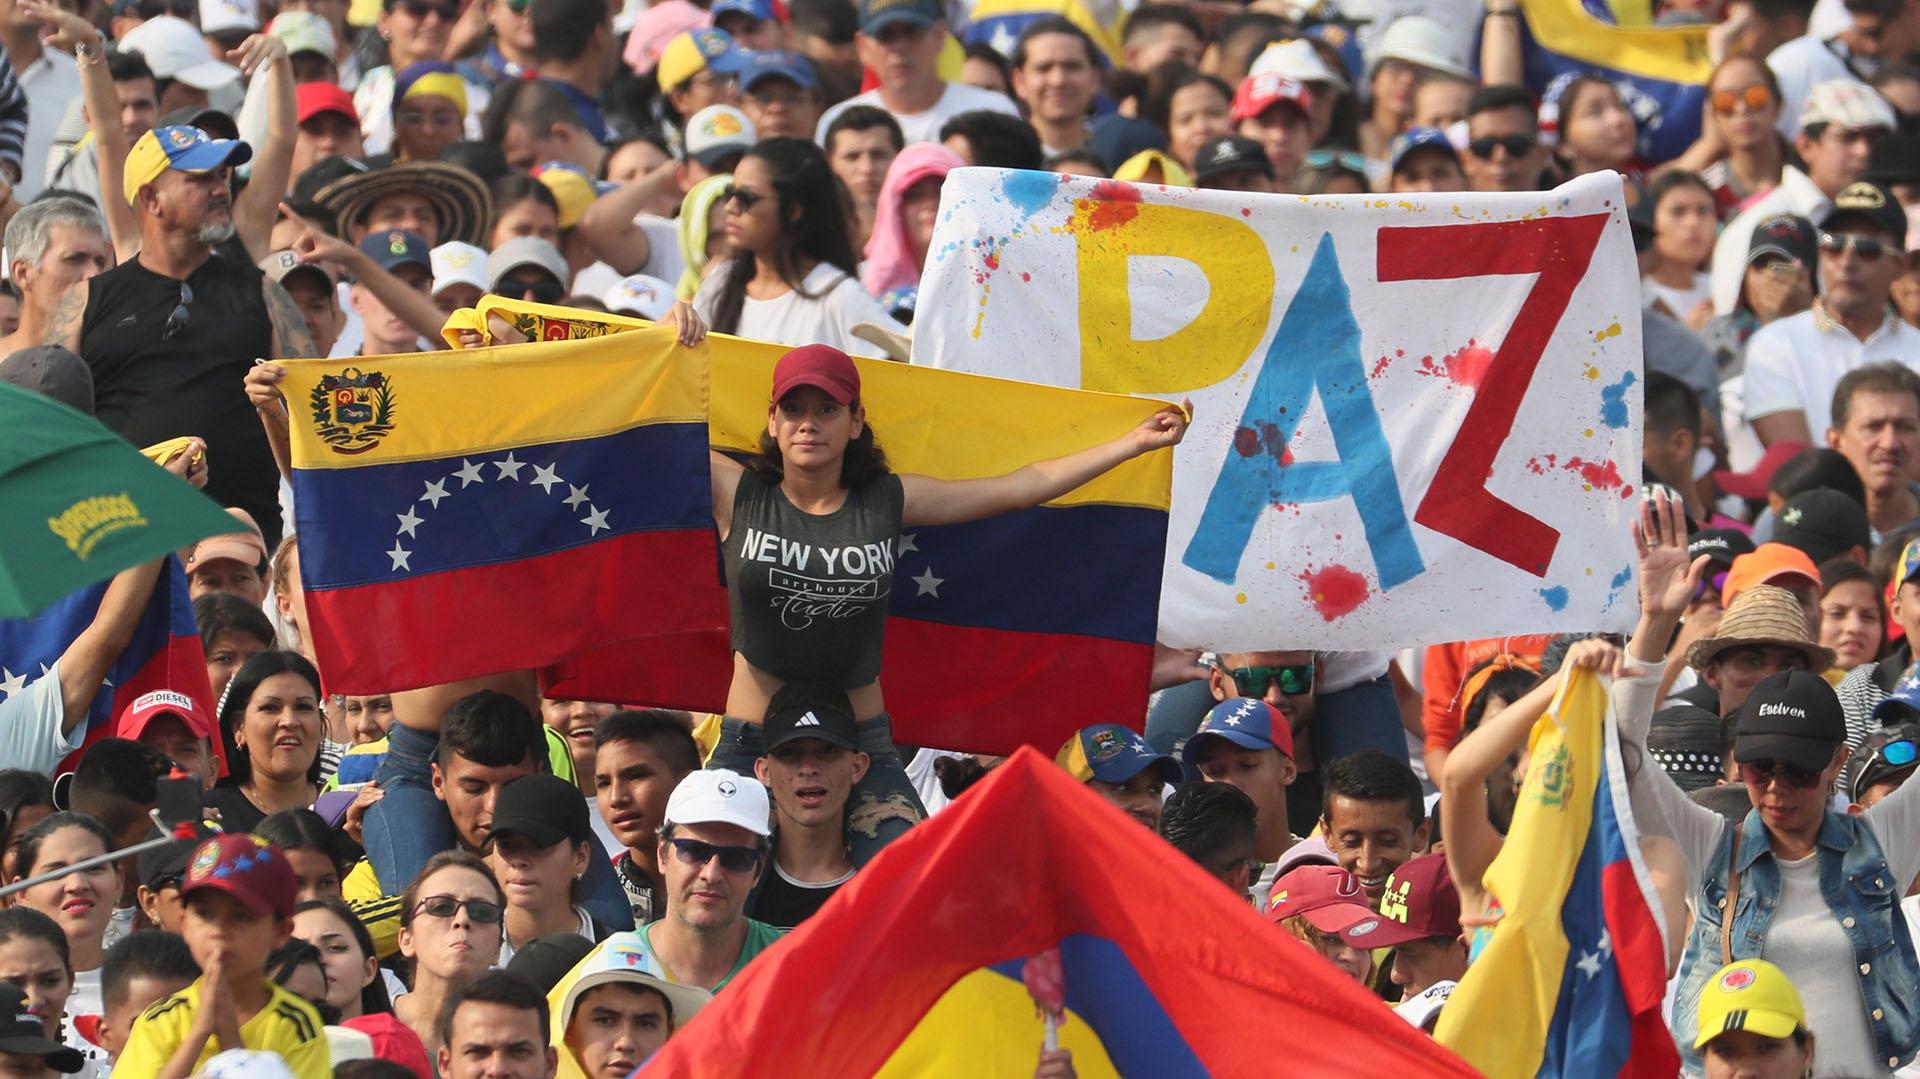 Evento antiimperialista en Venezuela, por respeto a autodeterminación